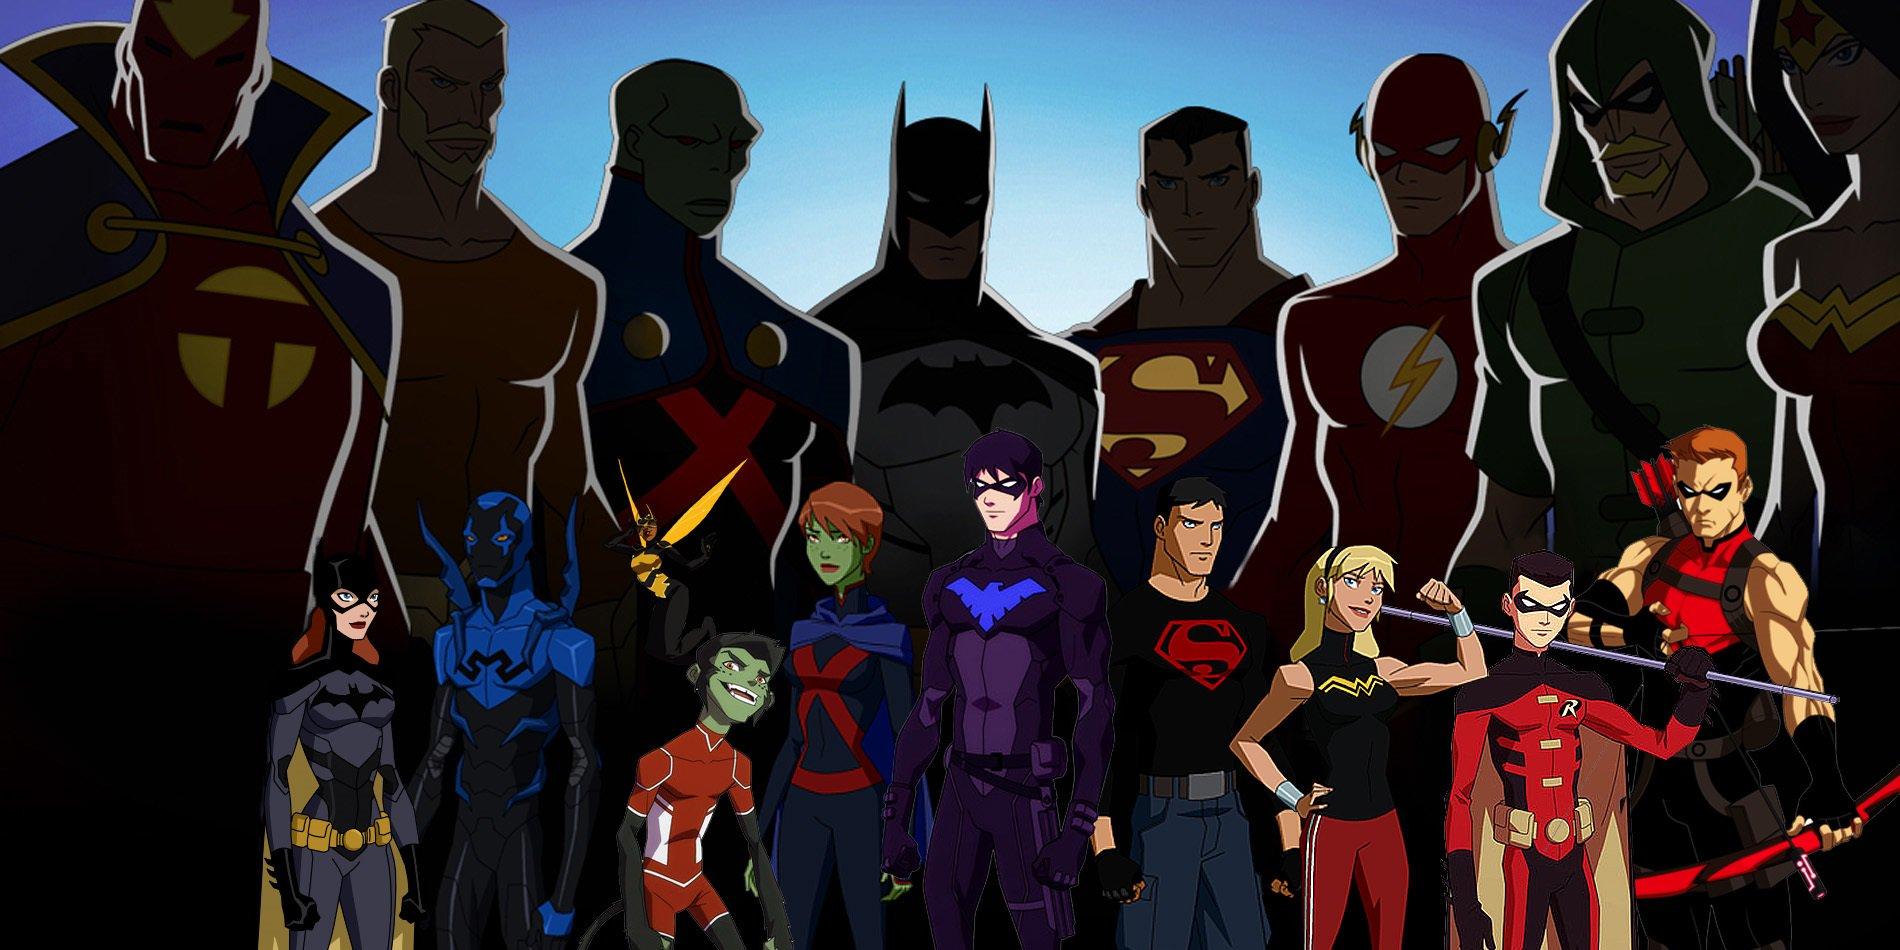 Young-Justice-Team-and-Mentors-Superman-Batman.jpg